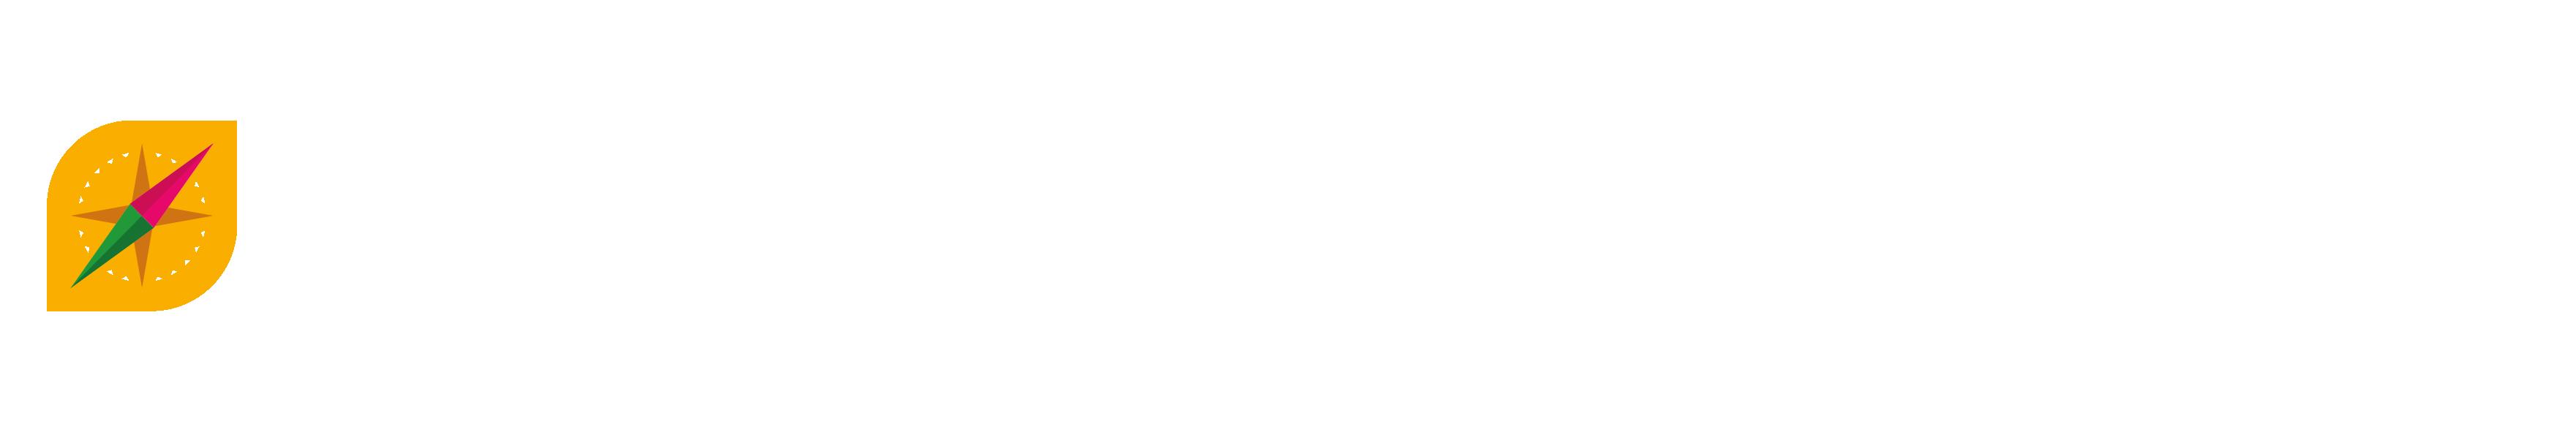 ITU GATE